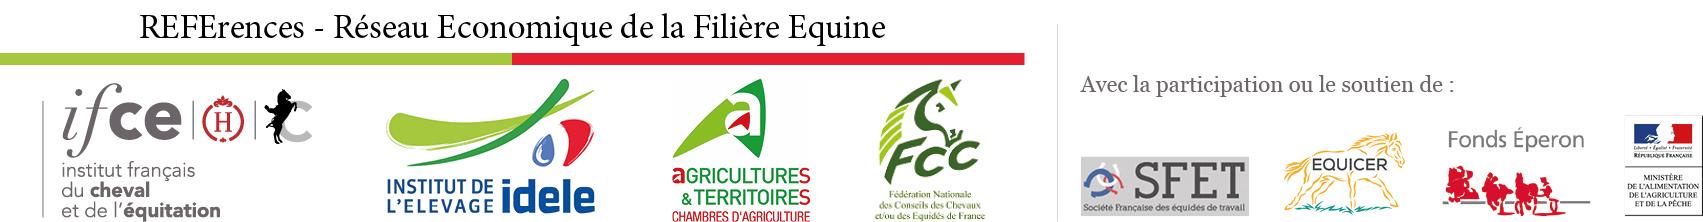 DIF logo partenaire J REFE